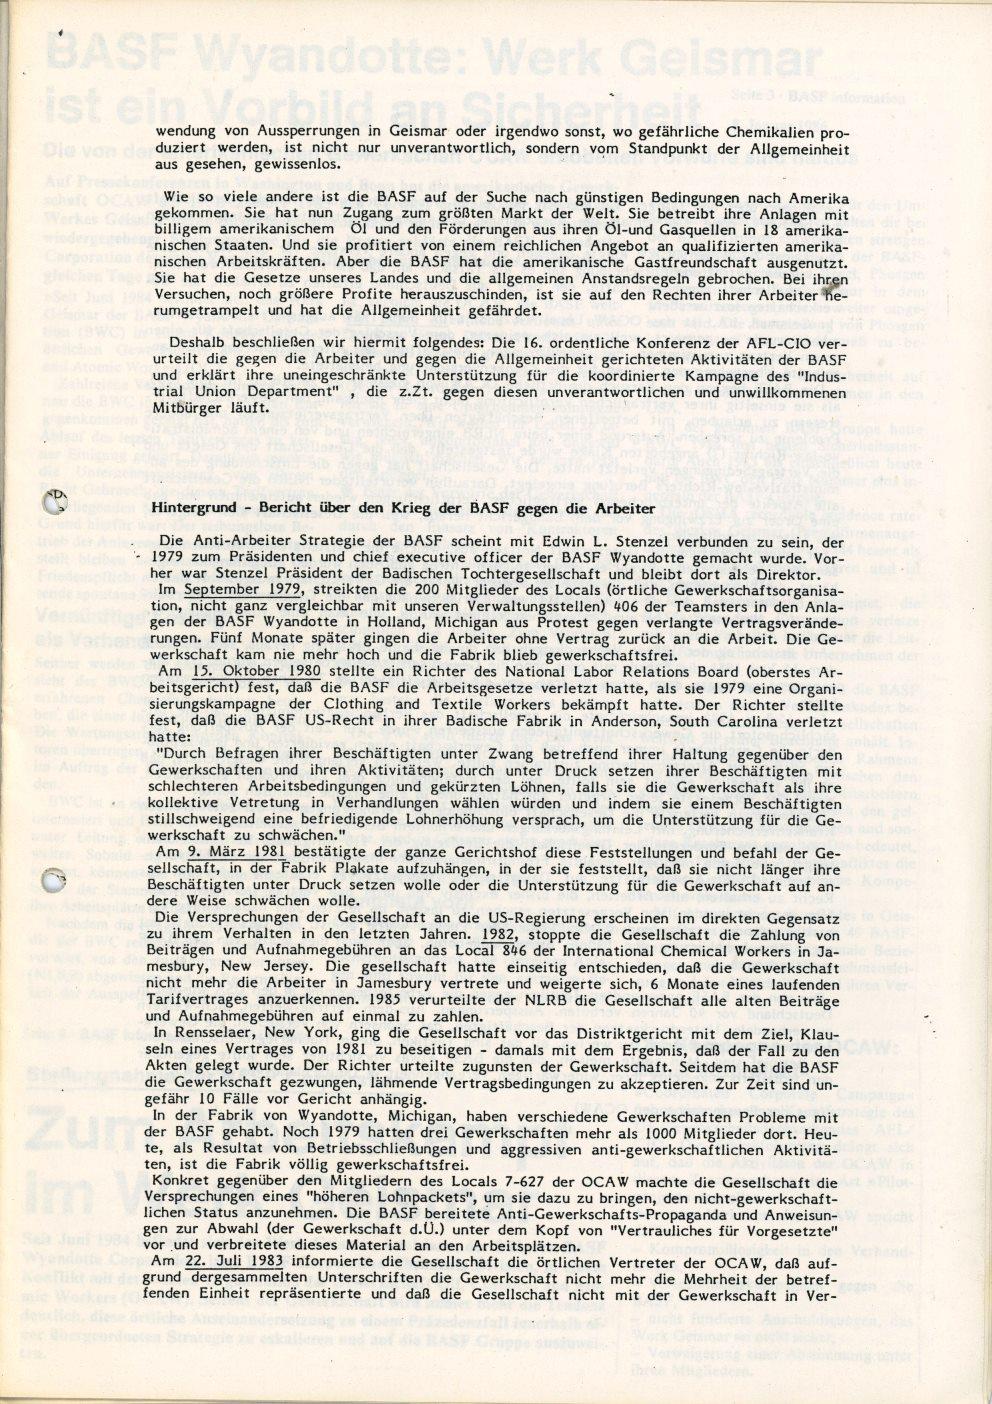 USA_BASF_Aussperrung_in_Geismar_1986_2_03